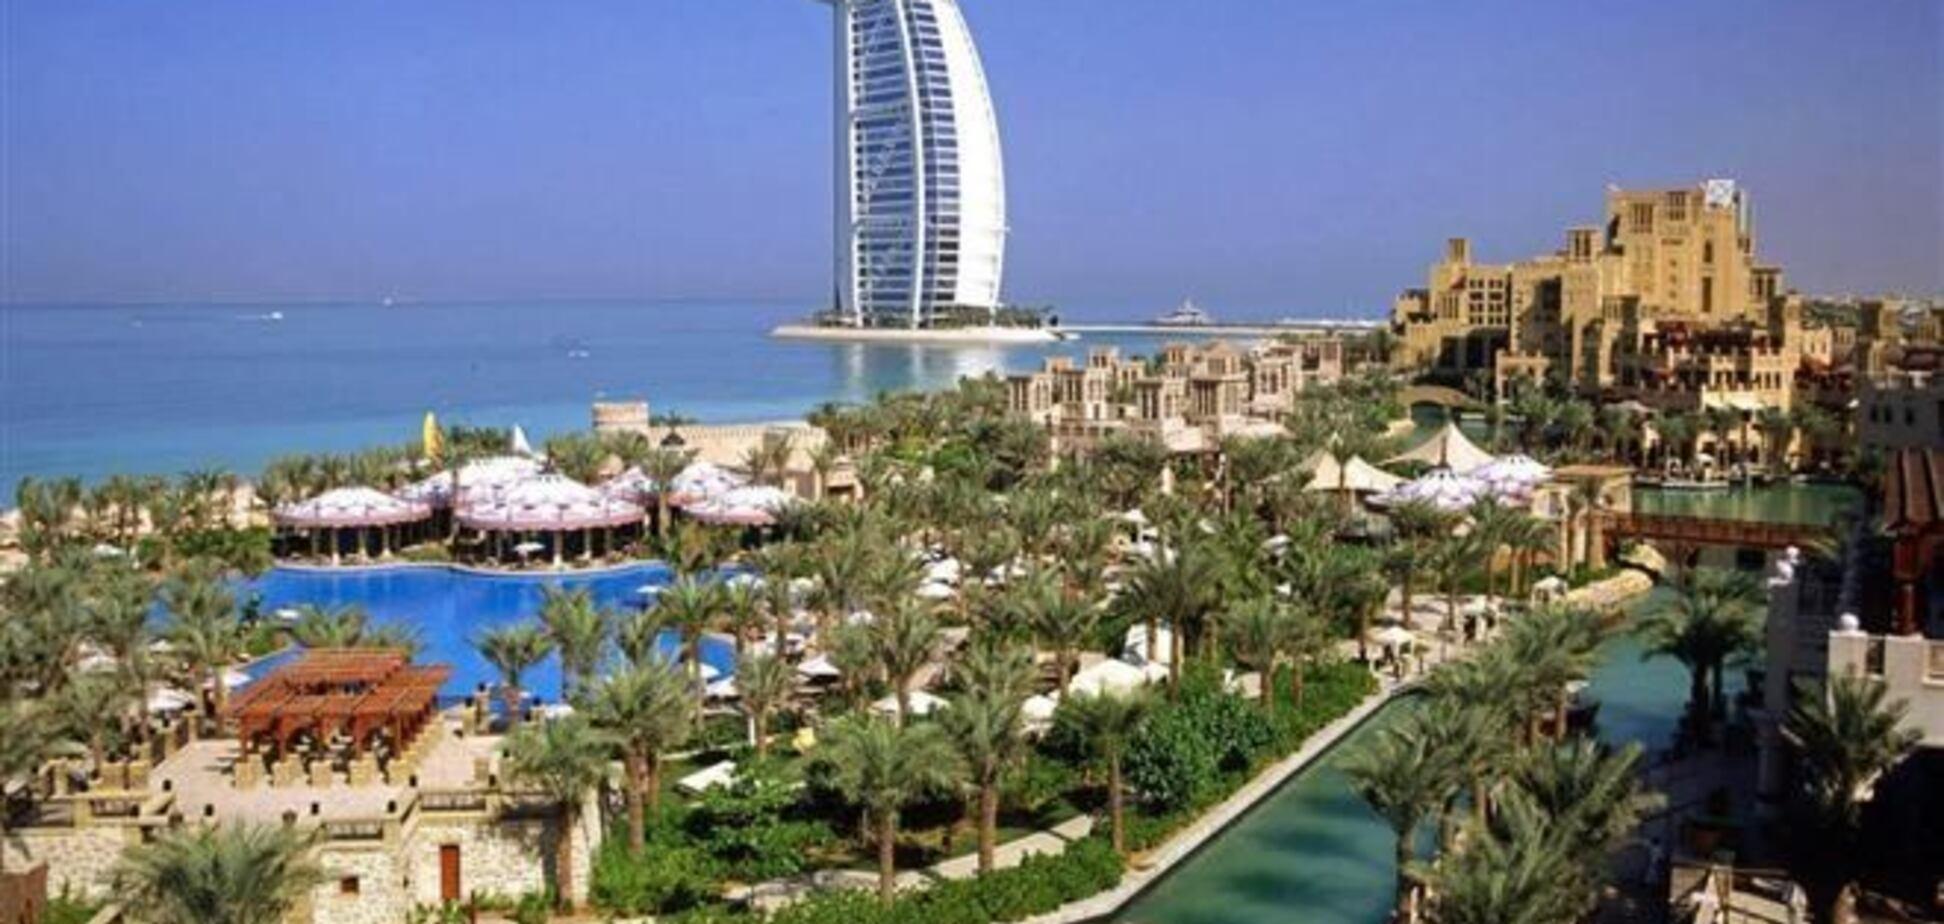 Дубайский застройщик Emaar Properties запускает проект комплекса вилл Rosa